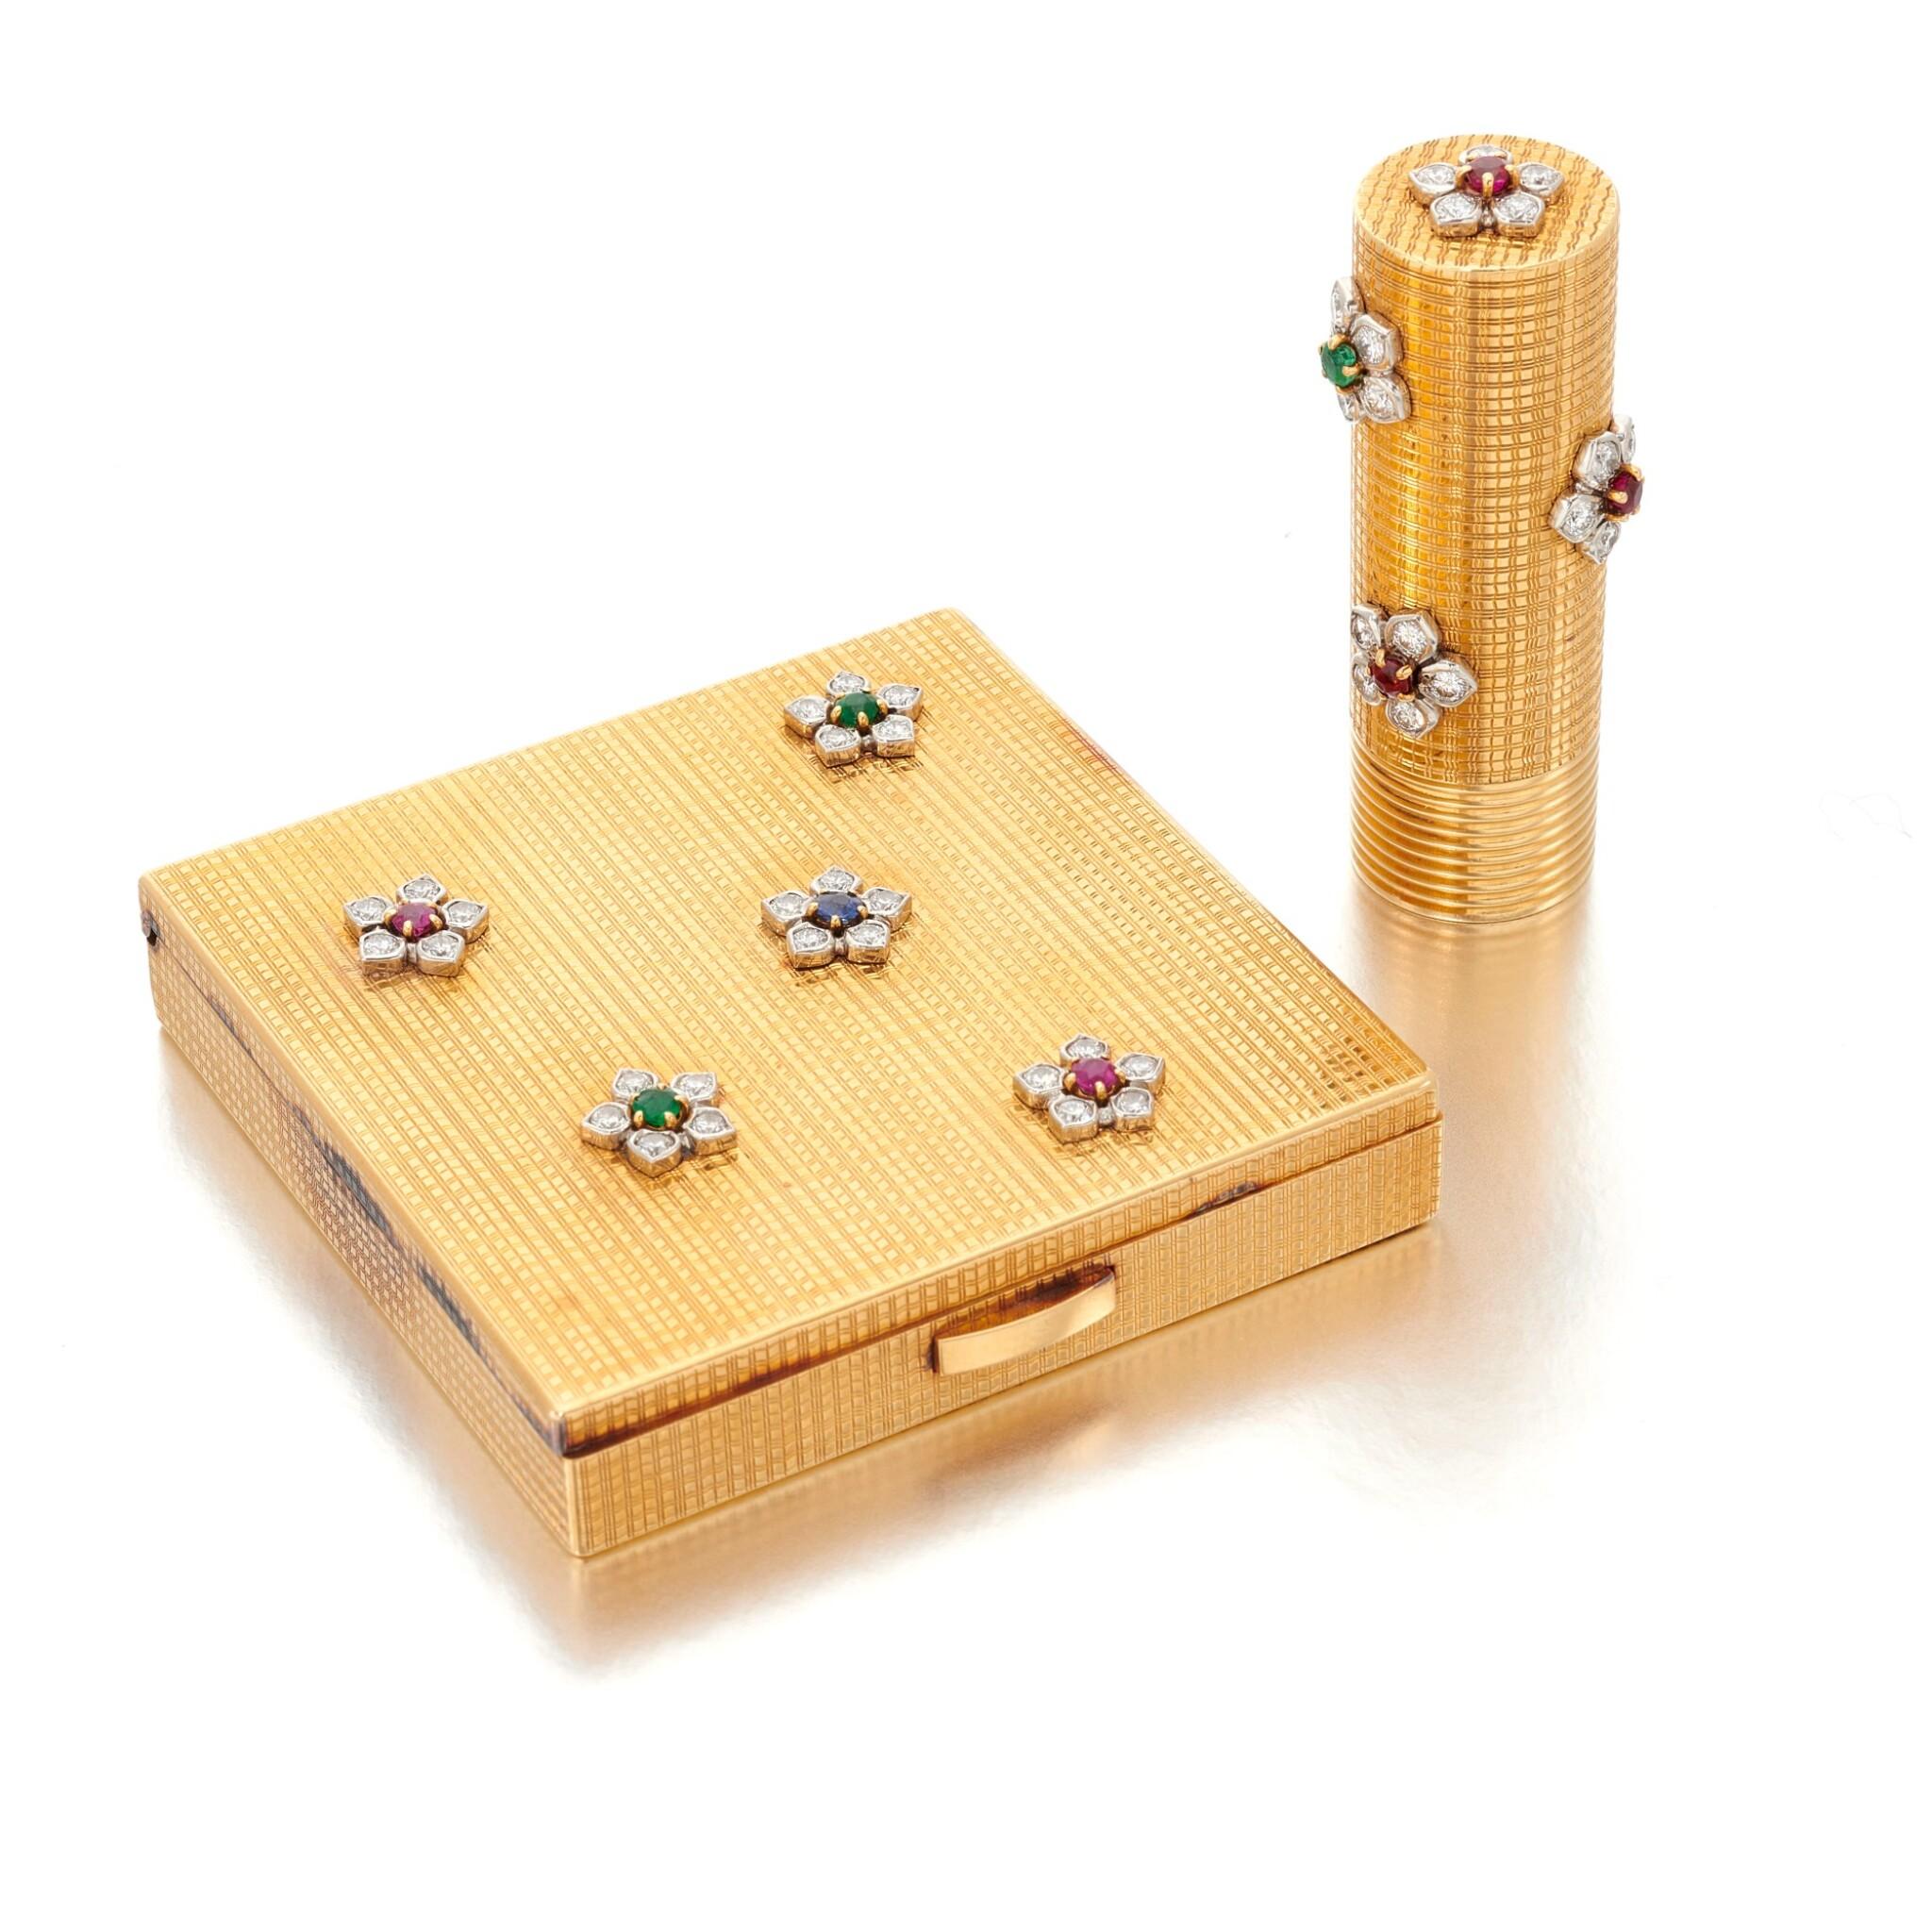 View 1 of Lot 53. Emerald, ruby, sapphire and diamond powder box and lipstick holder (Portacipria e porta rossetto con smeraldi, rubini, zaffiri e diamanti).